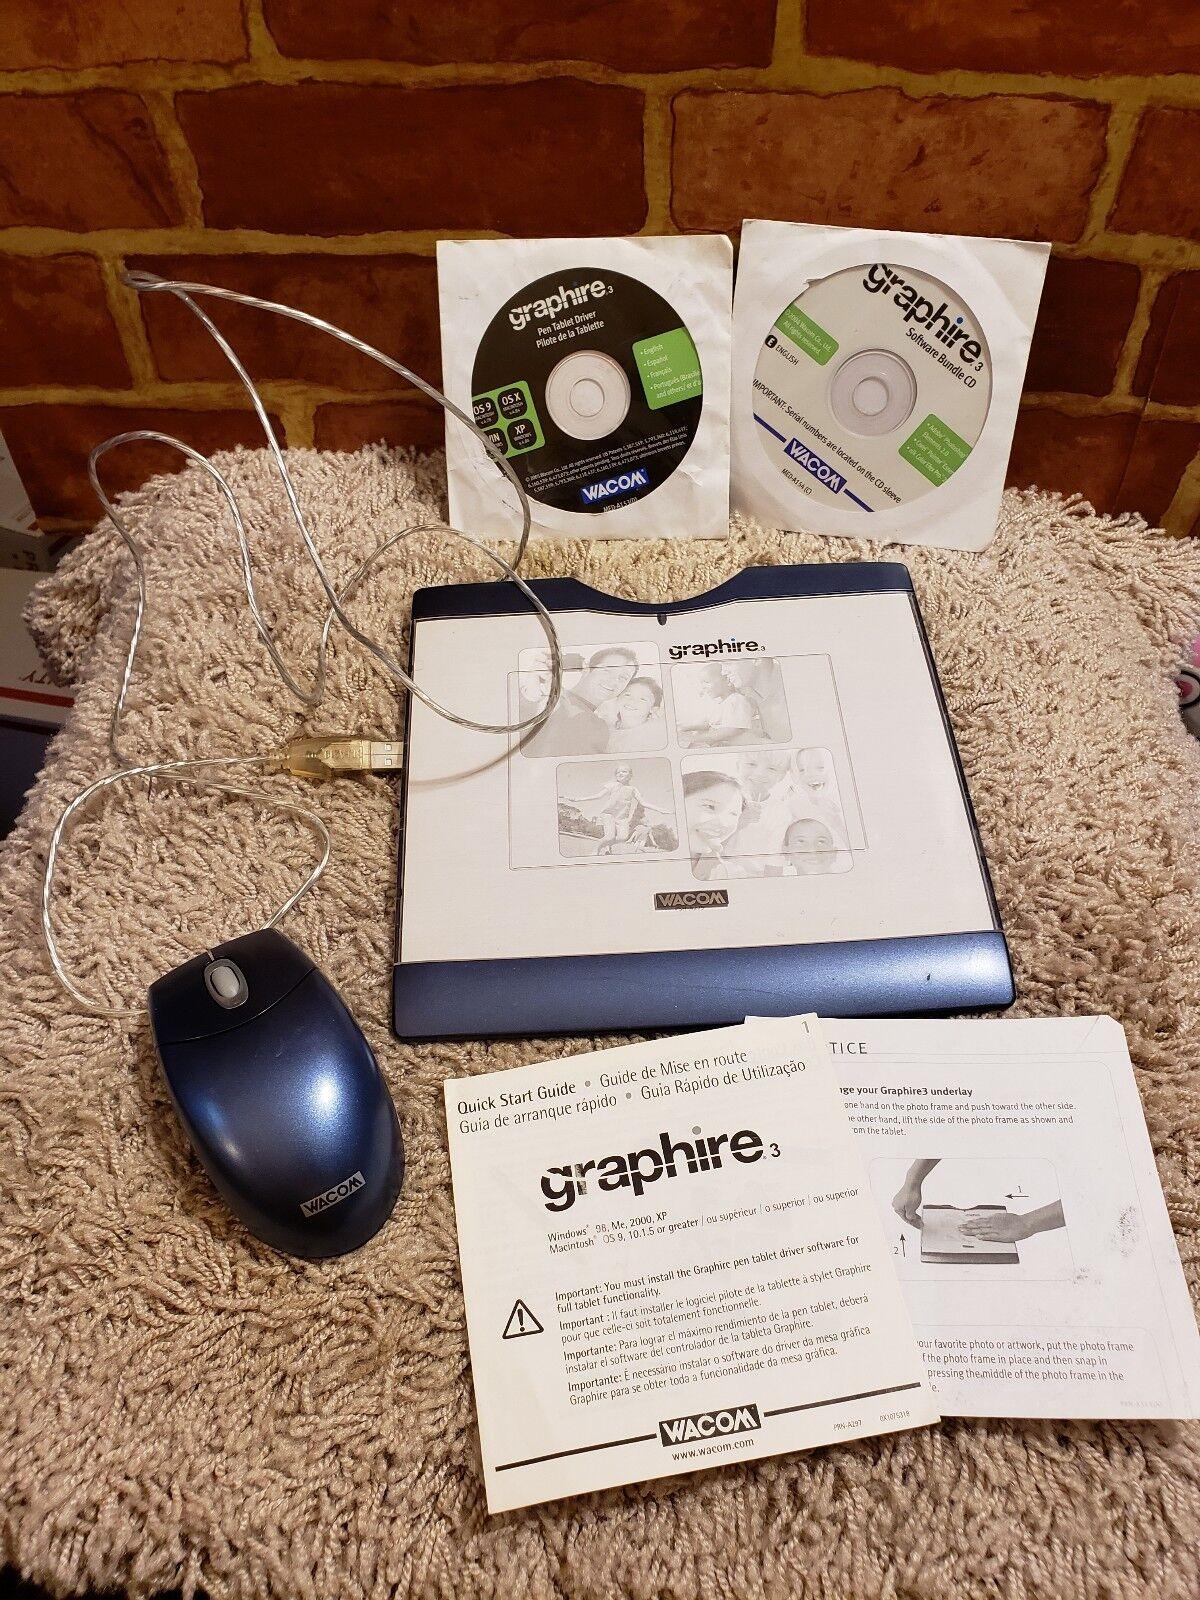 Wacom Graphire 3 Silver Tablet Digitizer W/mouse Pen 4x5 Adobe Corel USB  Cte-430